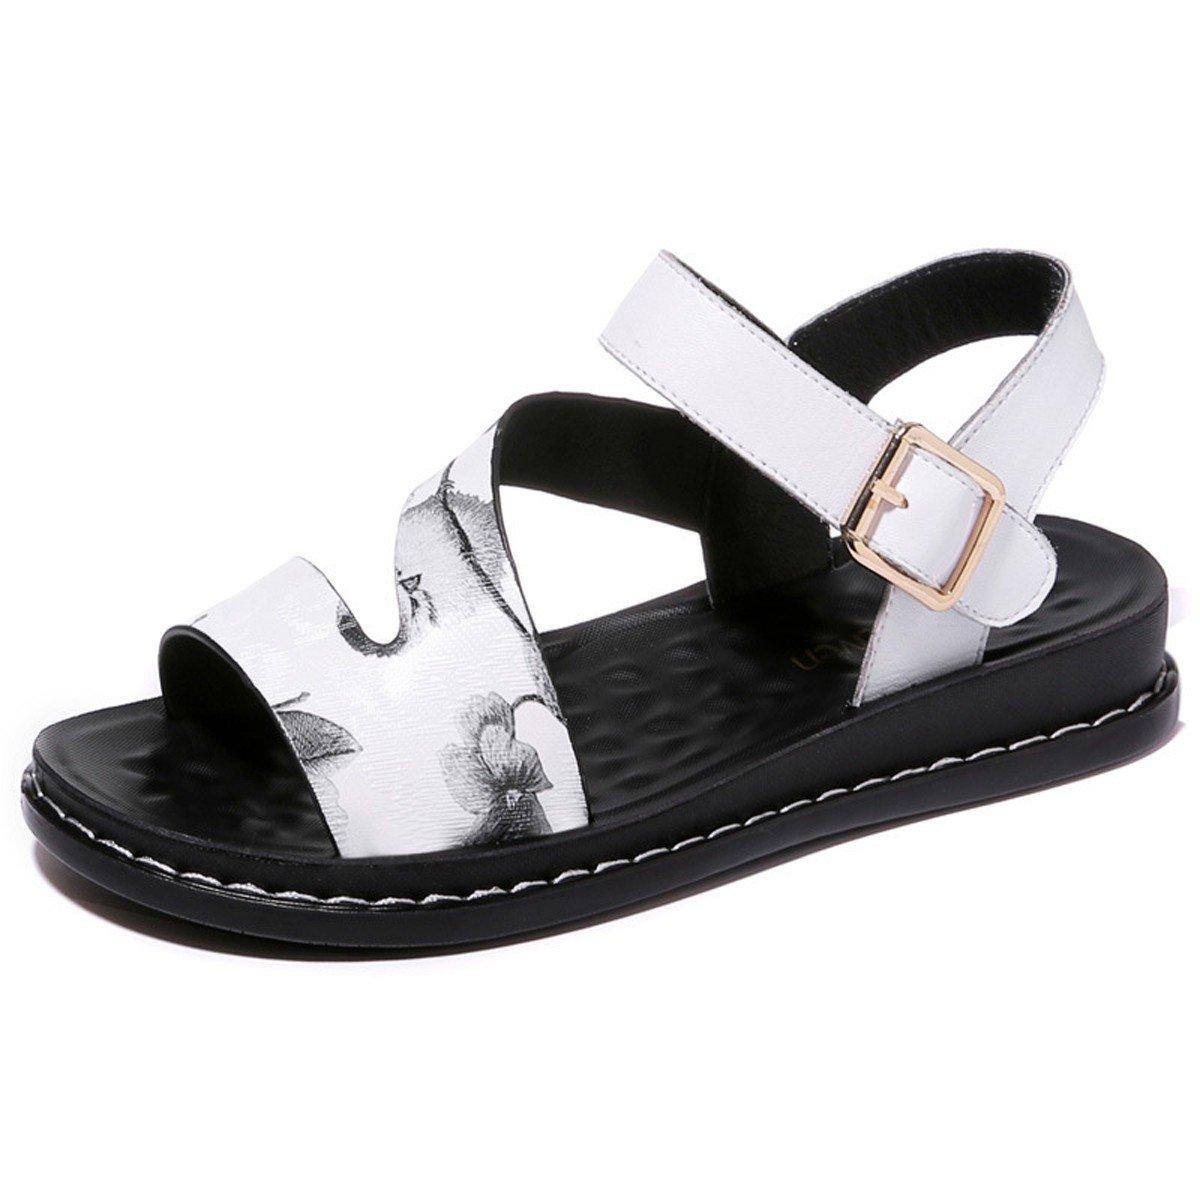 GTVERNH Damenschuhe Frauen Sind Flache Sandalen Boden Zehen Im Sommer Studenten Hang Hacken Frische und Wild.